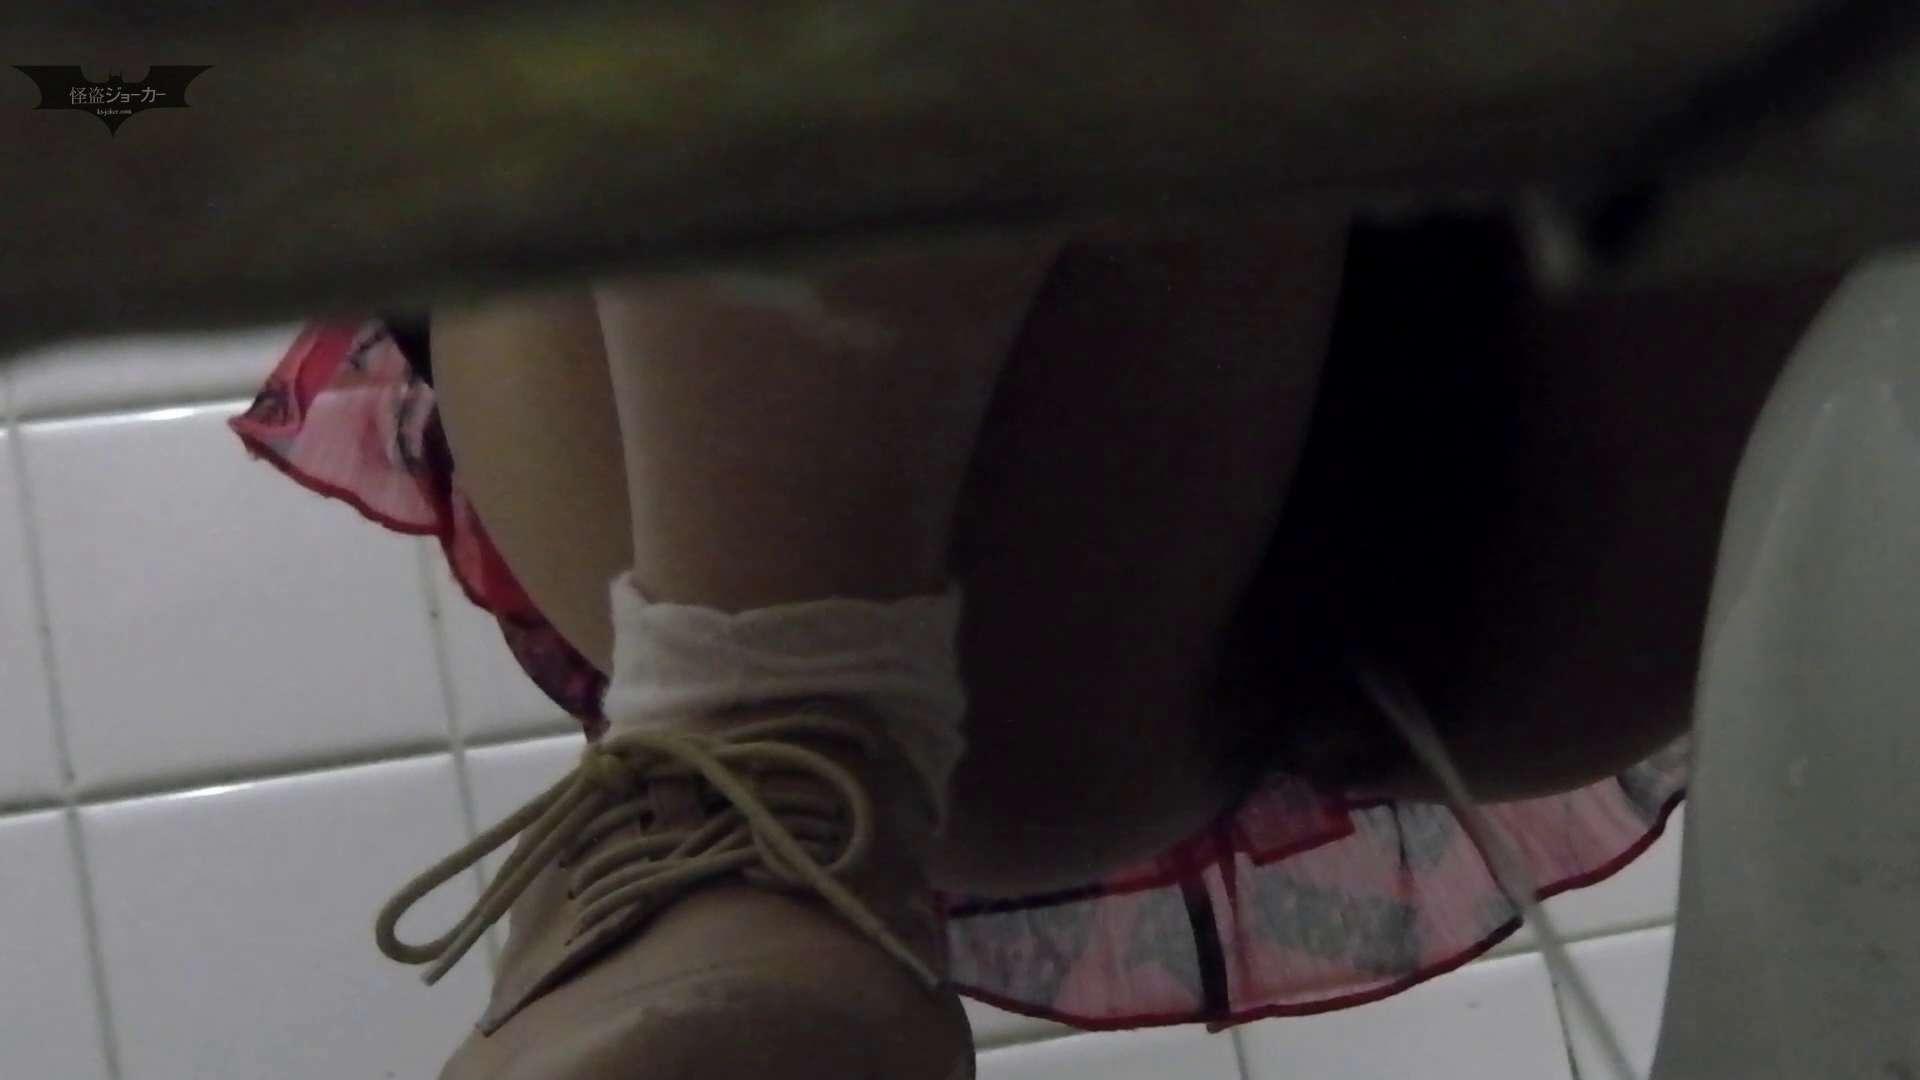 セックスアダルト動画|洗面所特攻隊 vol.048 特攻隊さん二人の可愛い子と直対面、会話|怪盗ジョーカー